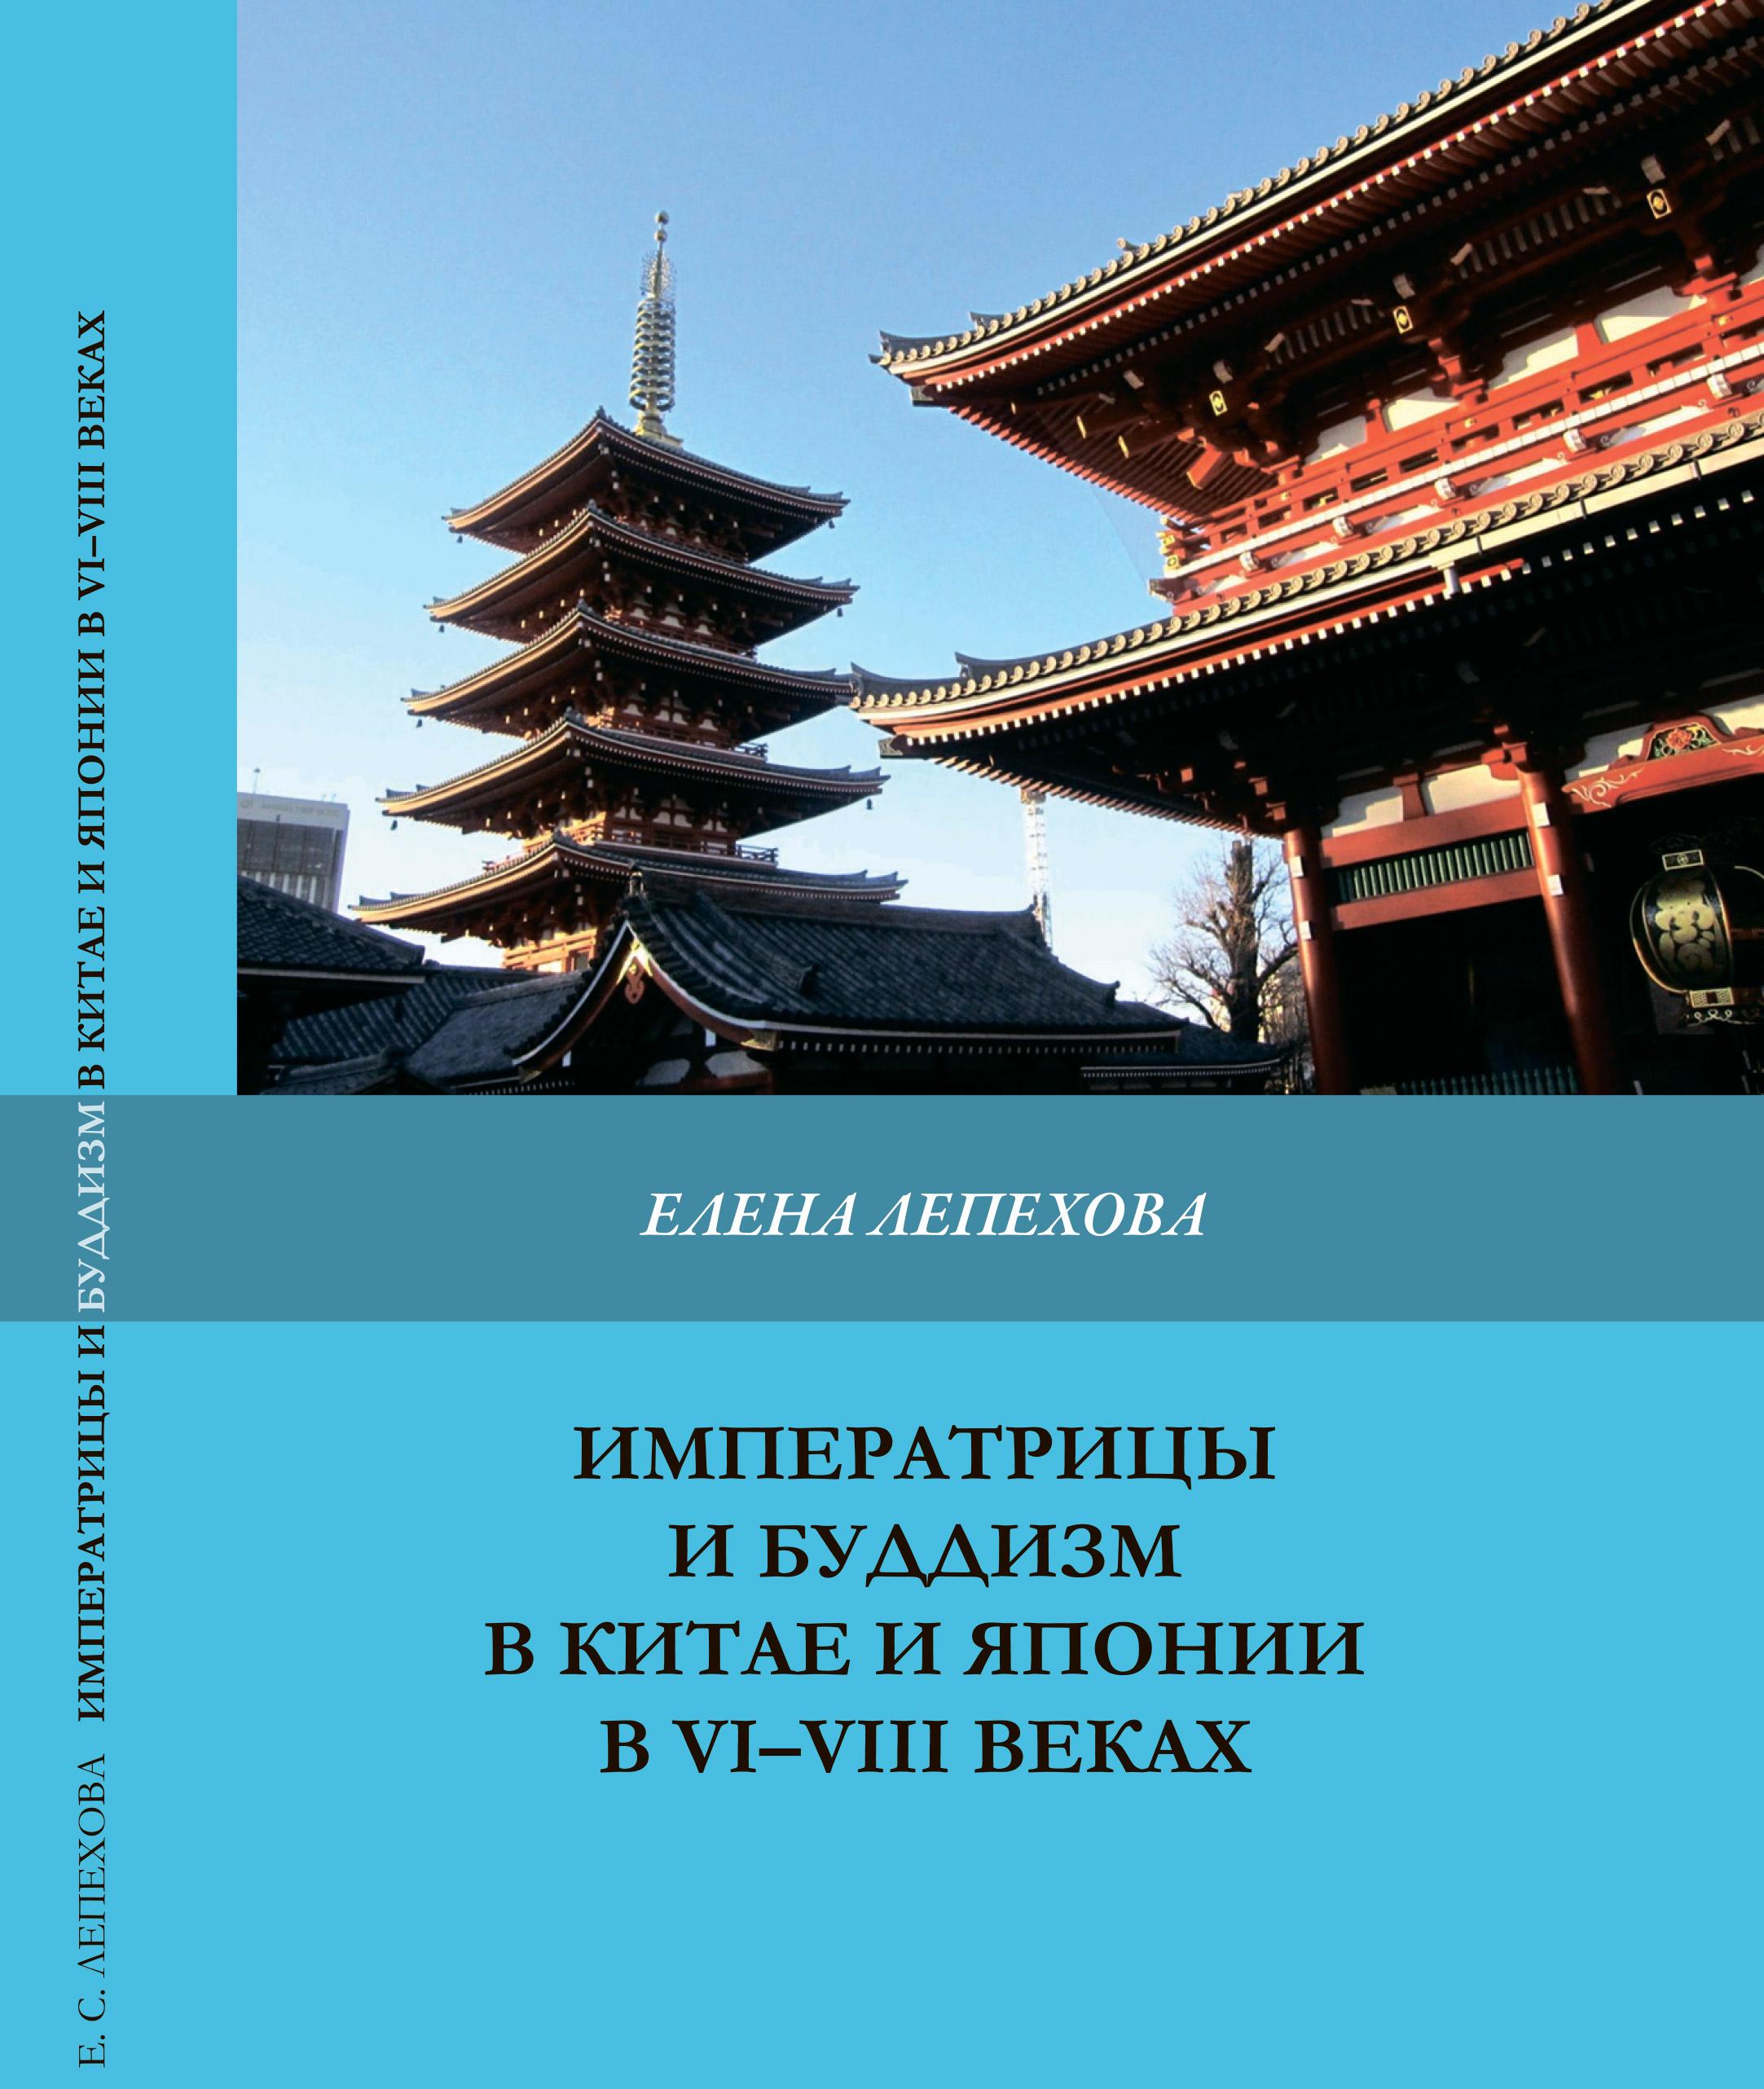 Императрицы и буддизм в Китае и Японии в VI-VII вв.